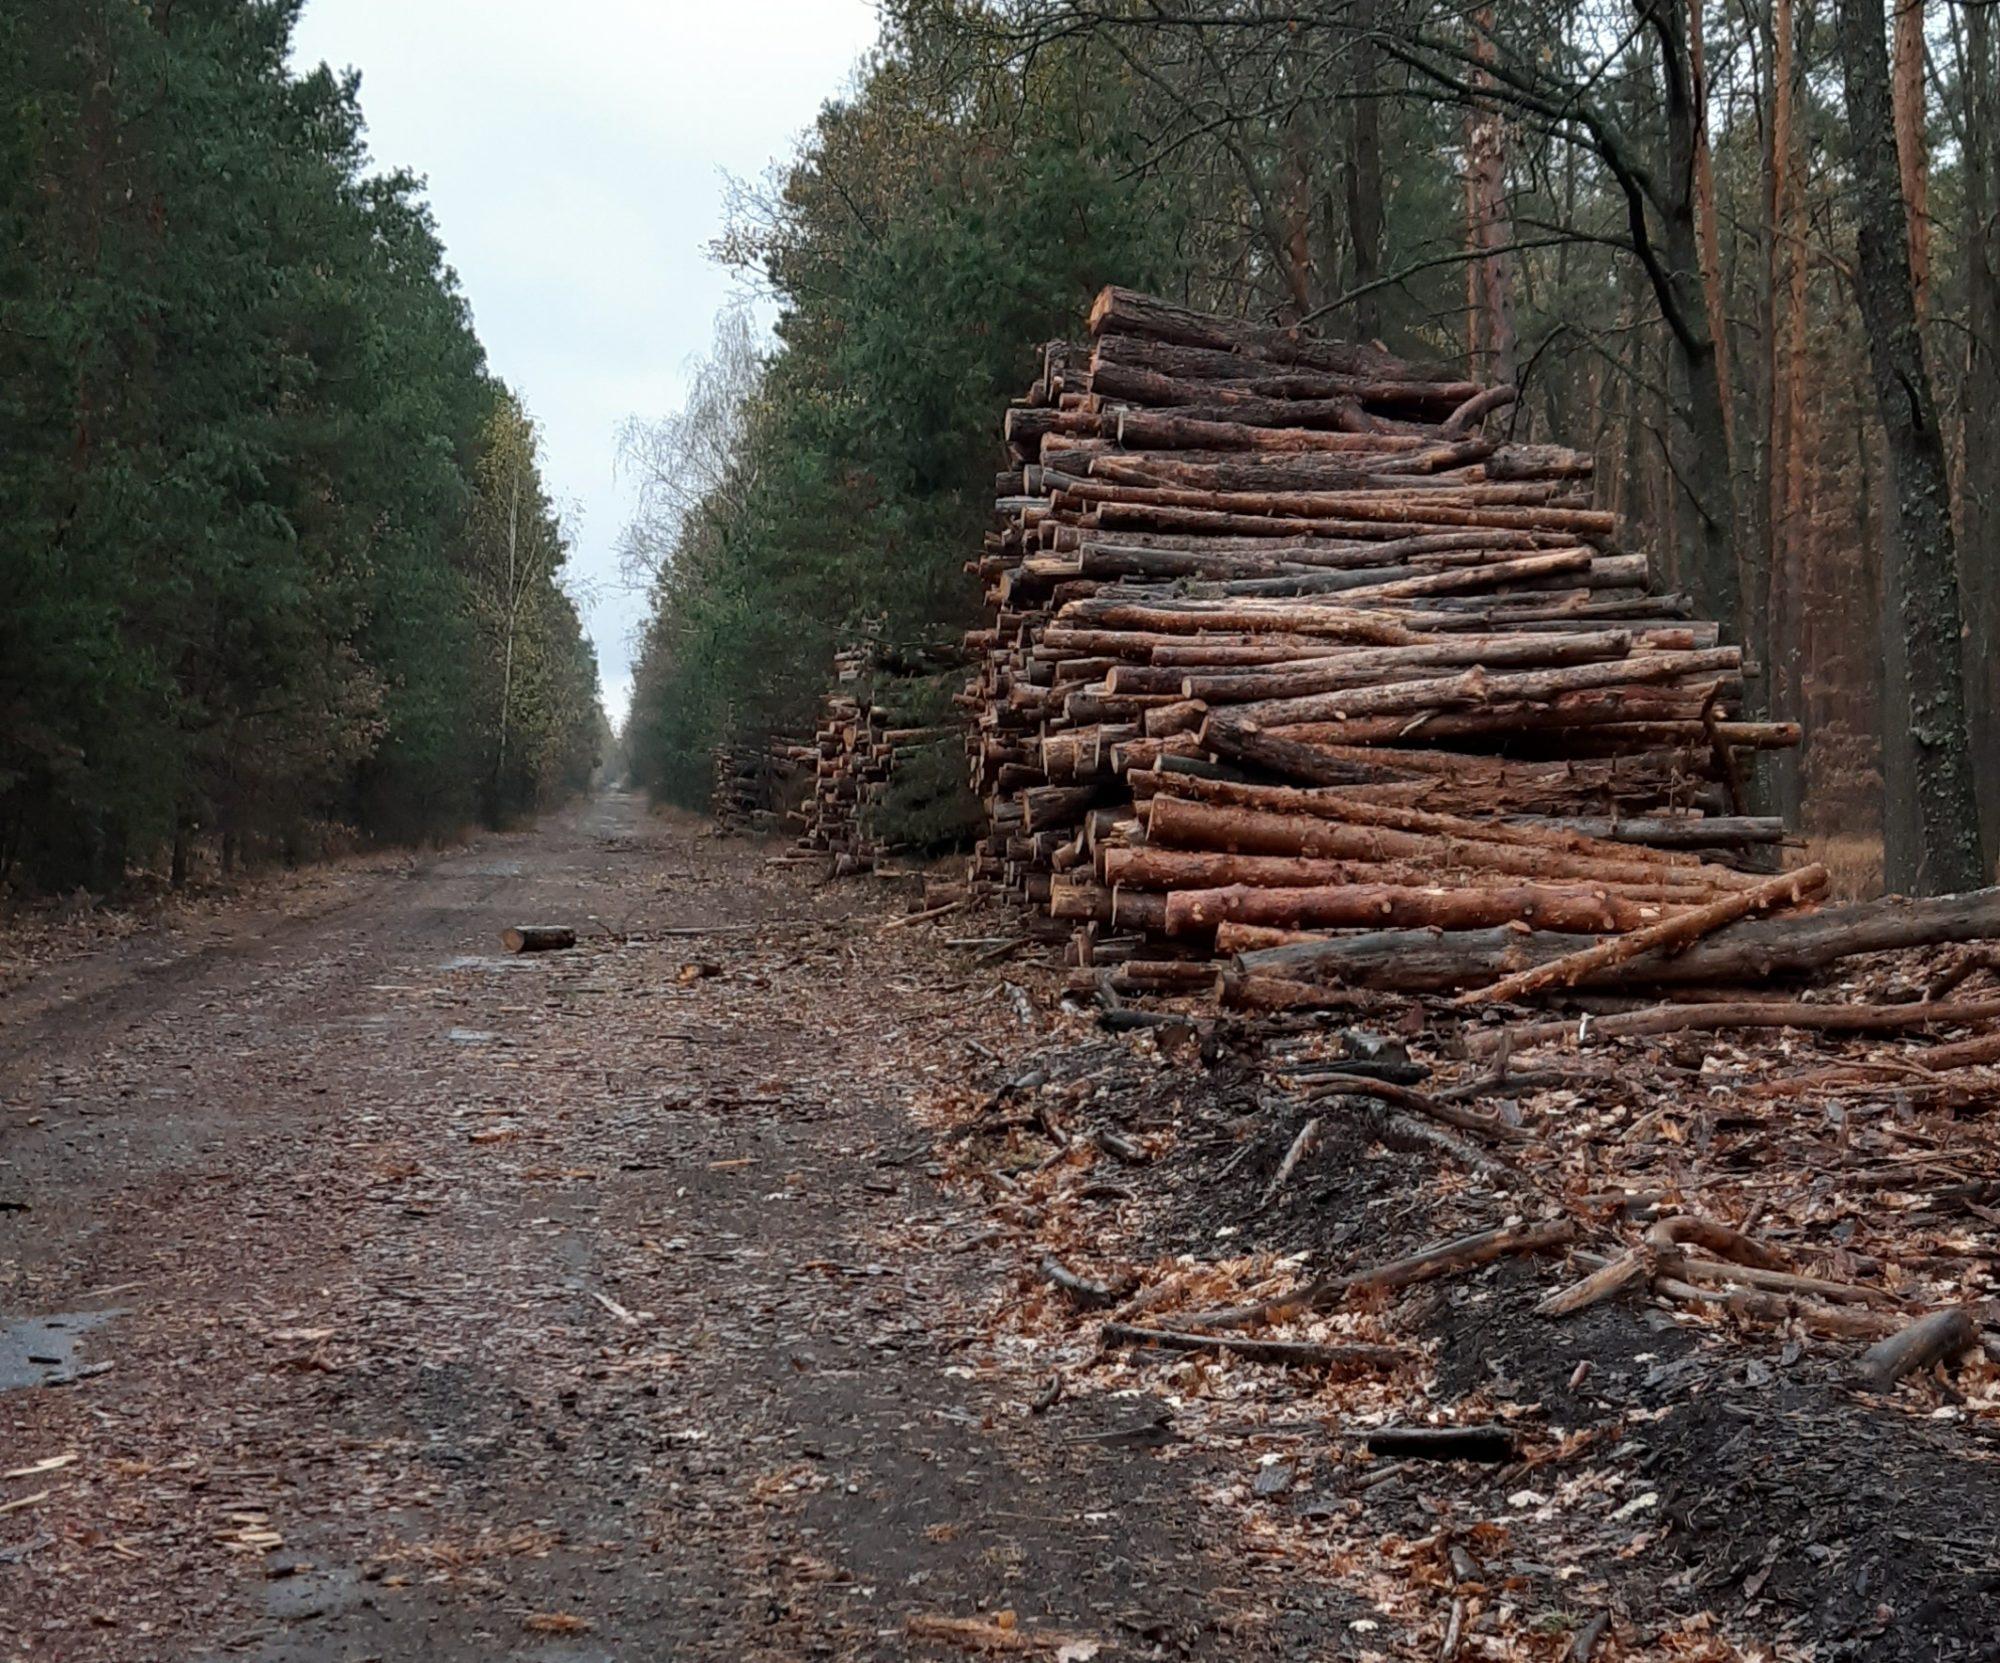 20191103_144108-2000x1663 Через незаконну вирубку лісу Україна зазнала 1 млрд грн збитків